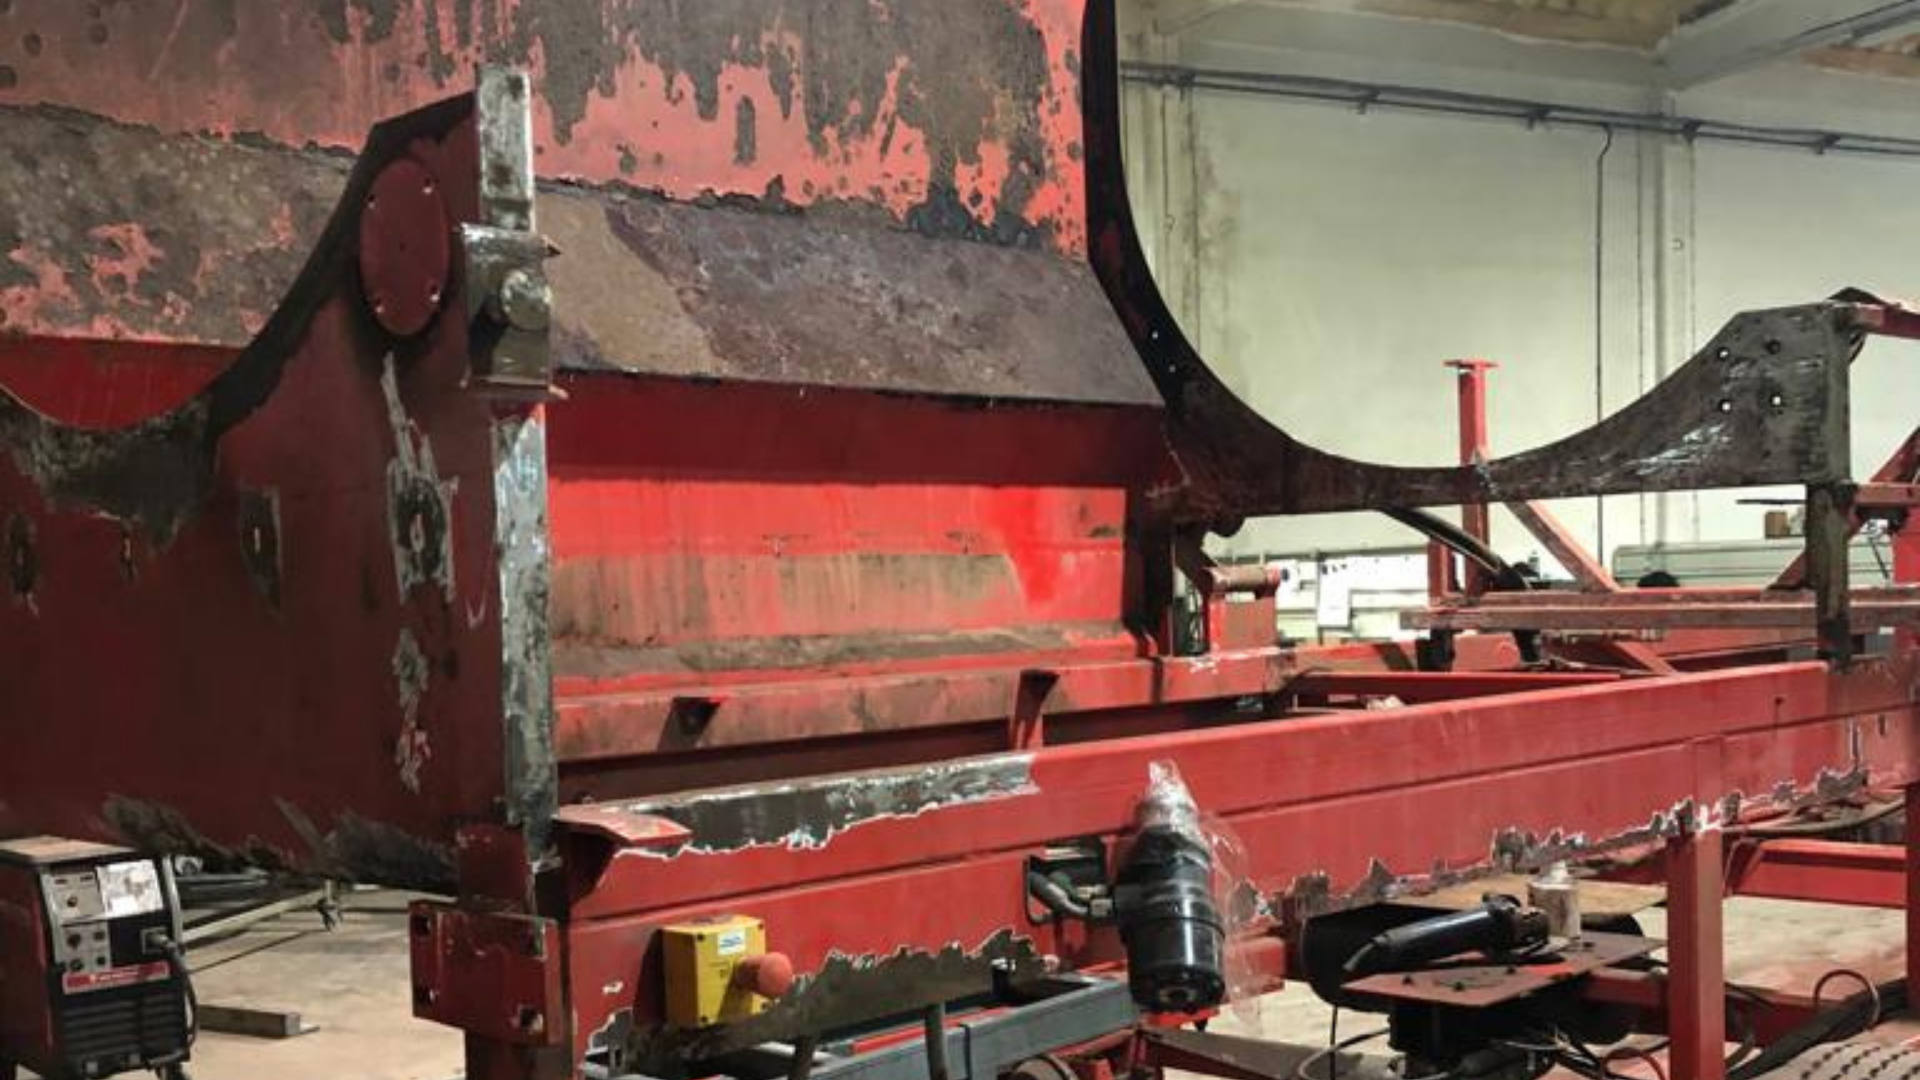 Reparação de caixa metálica em avançado estado de degradação